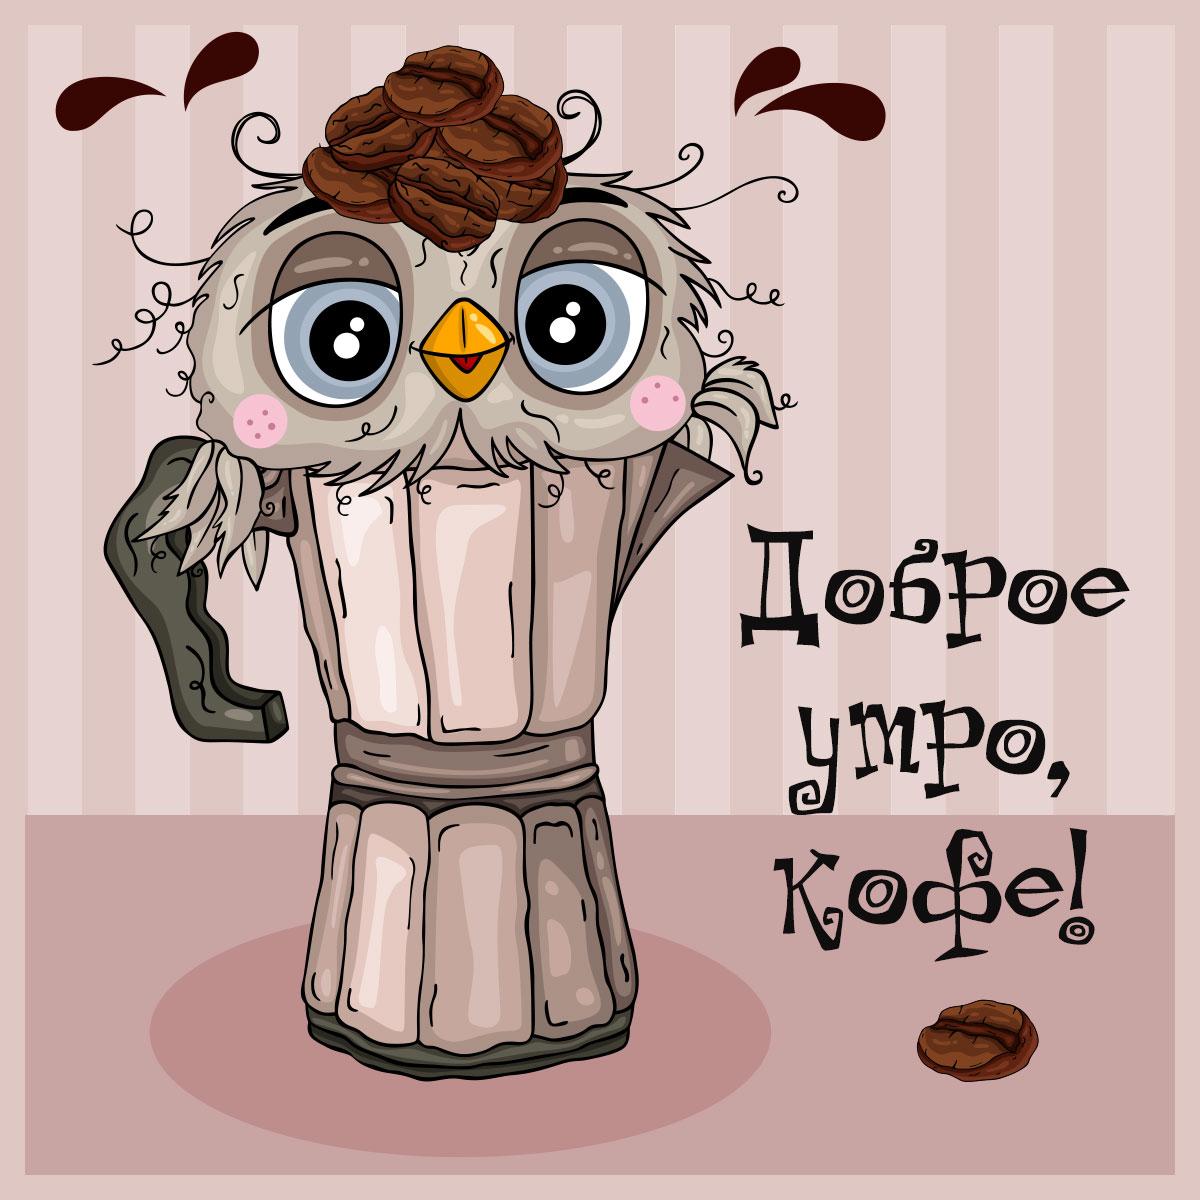 Картинка доброе утро с кофе и головой совы, выглядывающей из кофеварки.